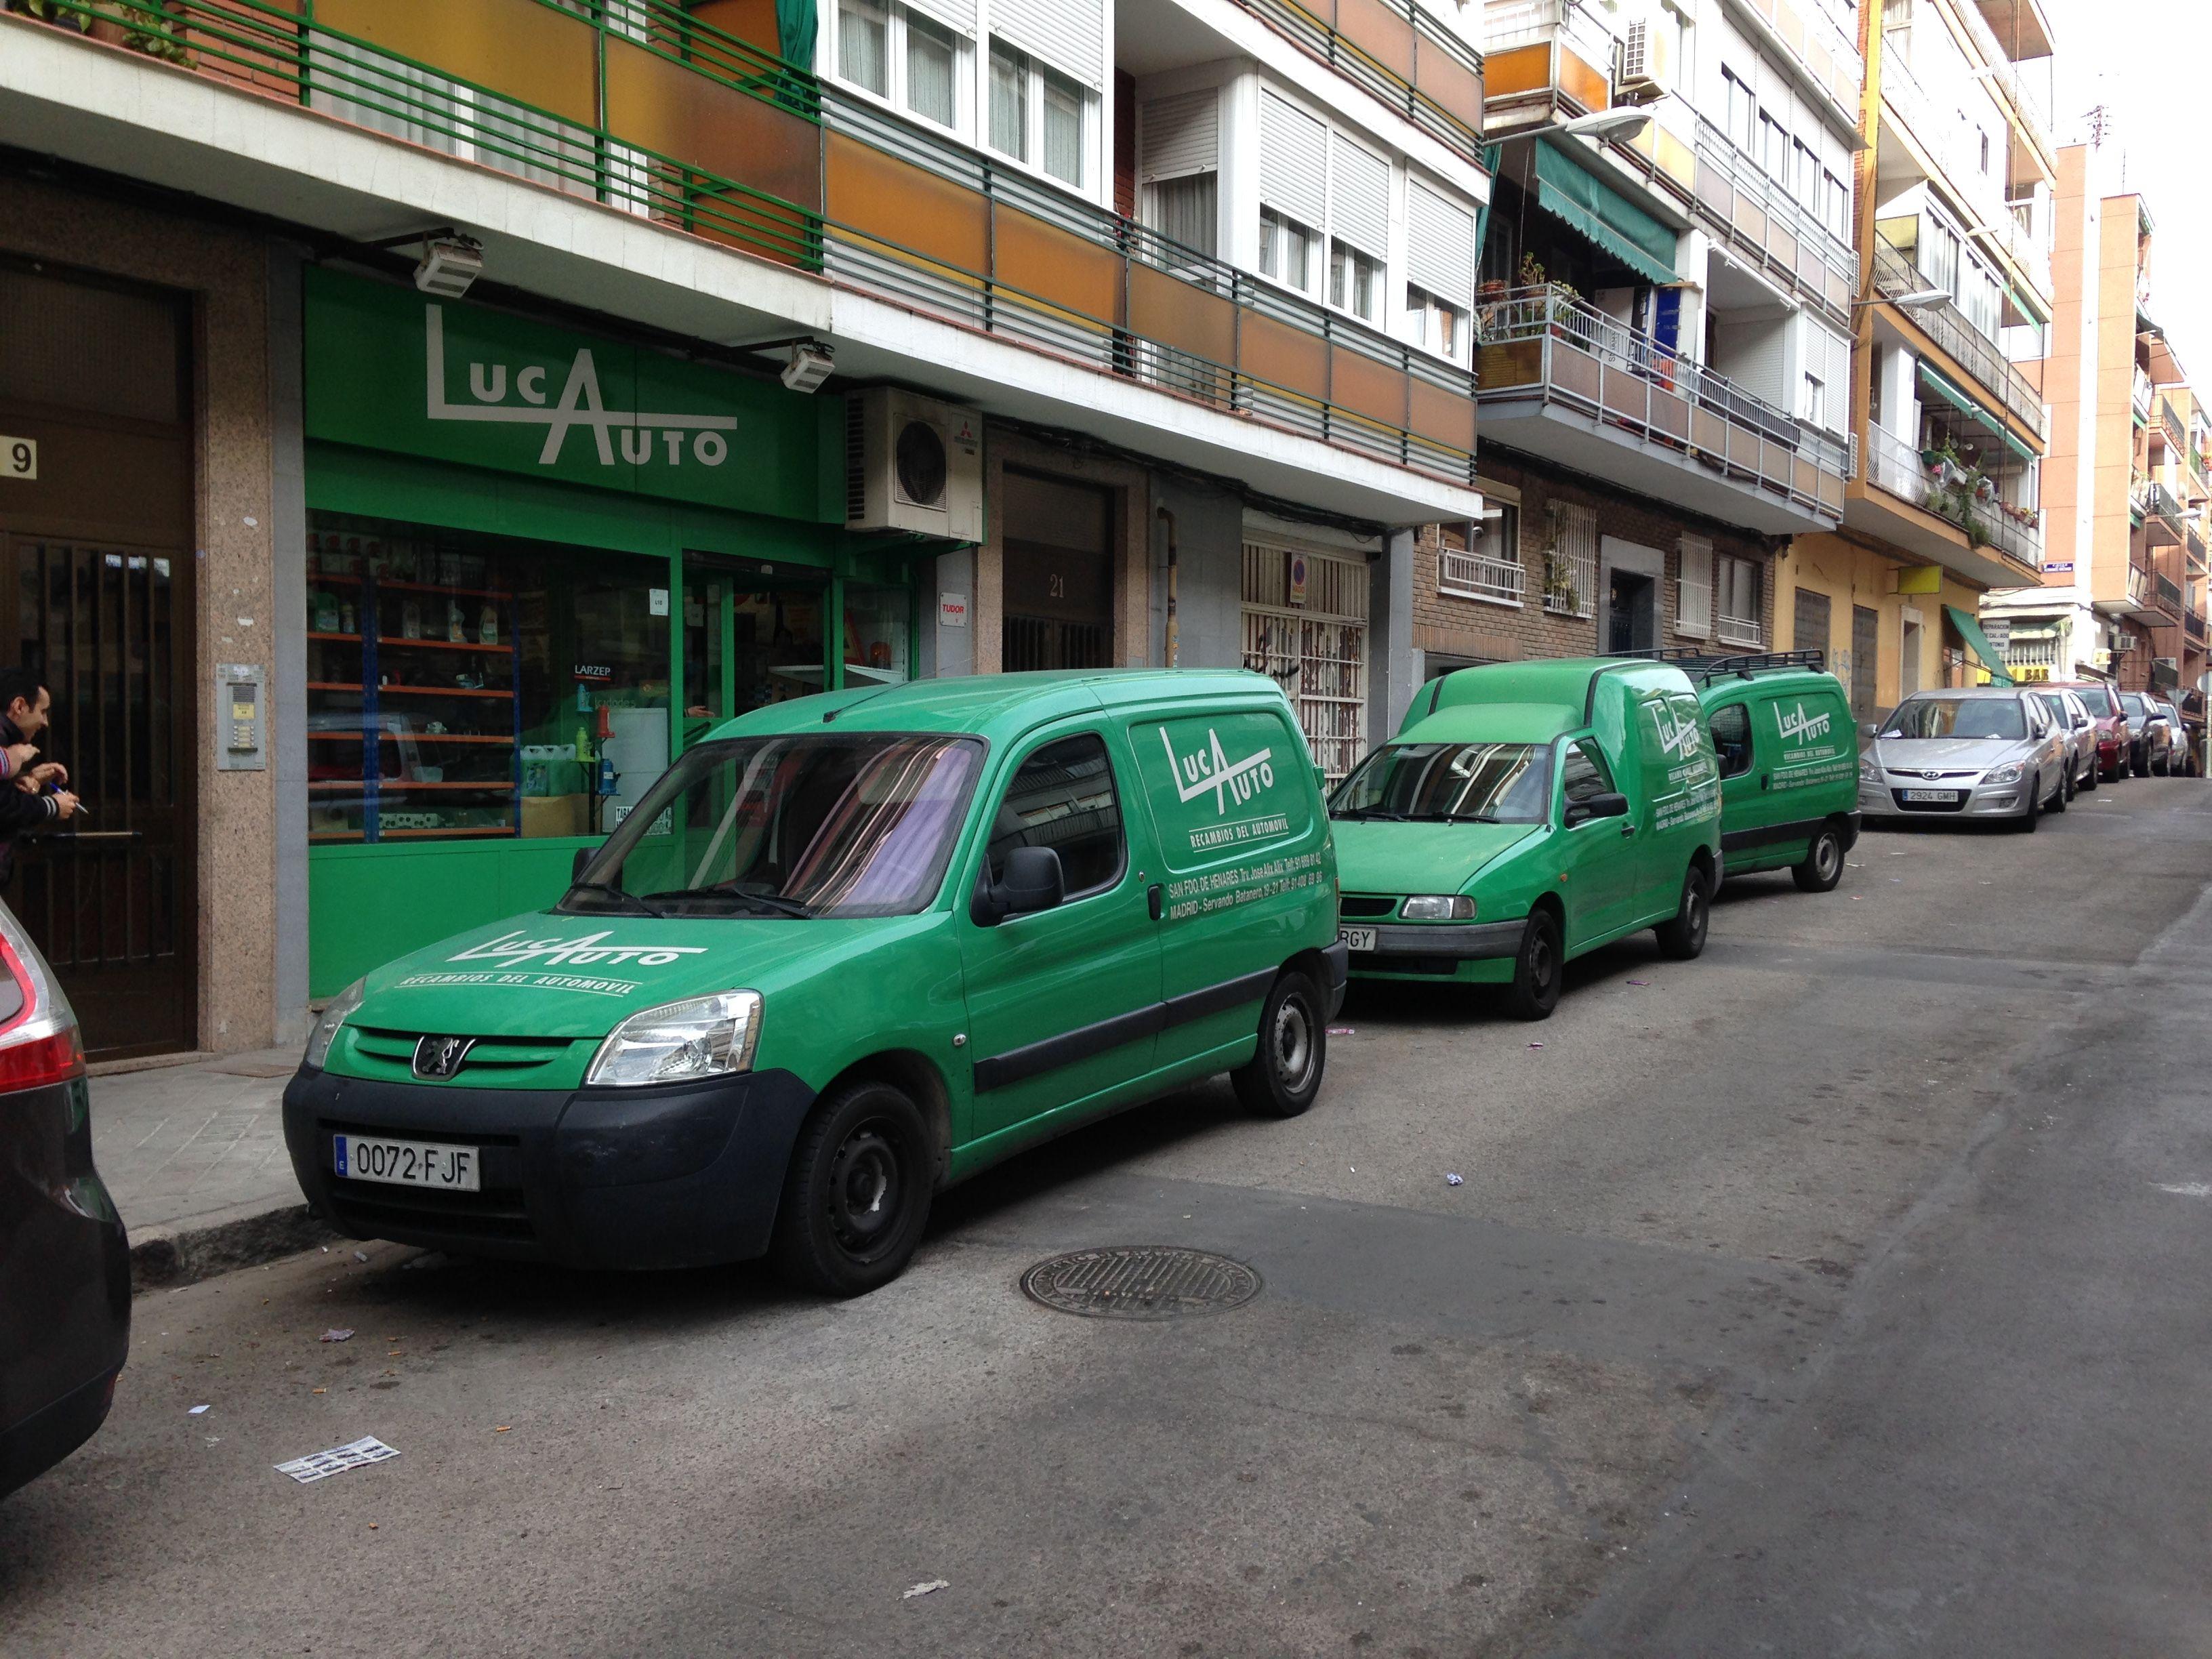 Tienda de recambios del automóvil en Cuidad Lineal